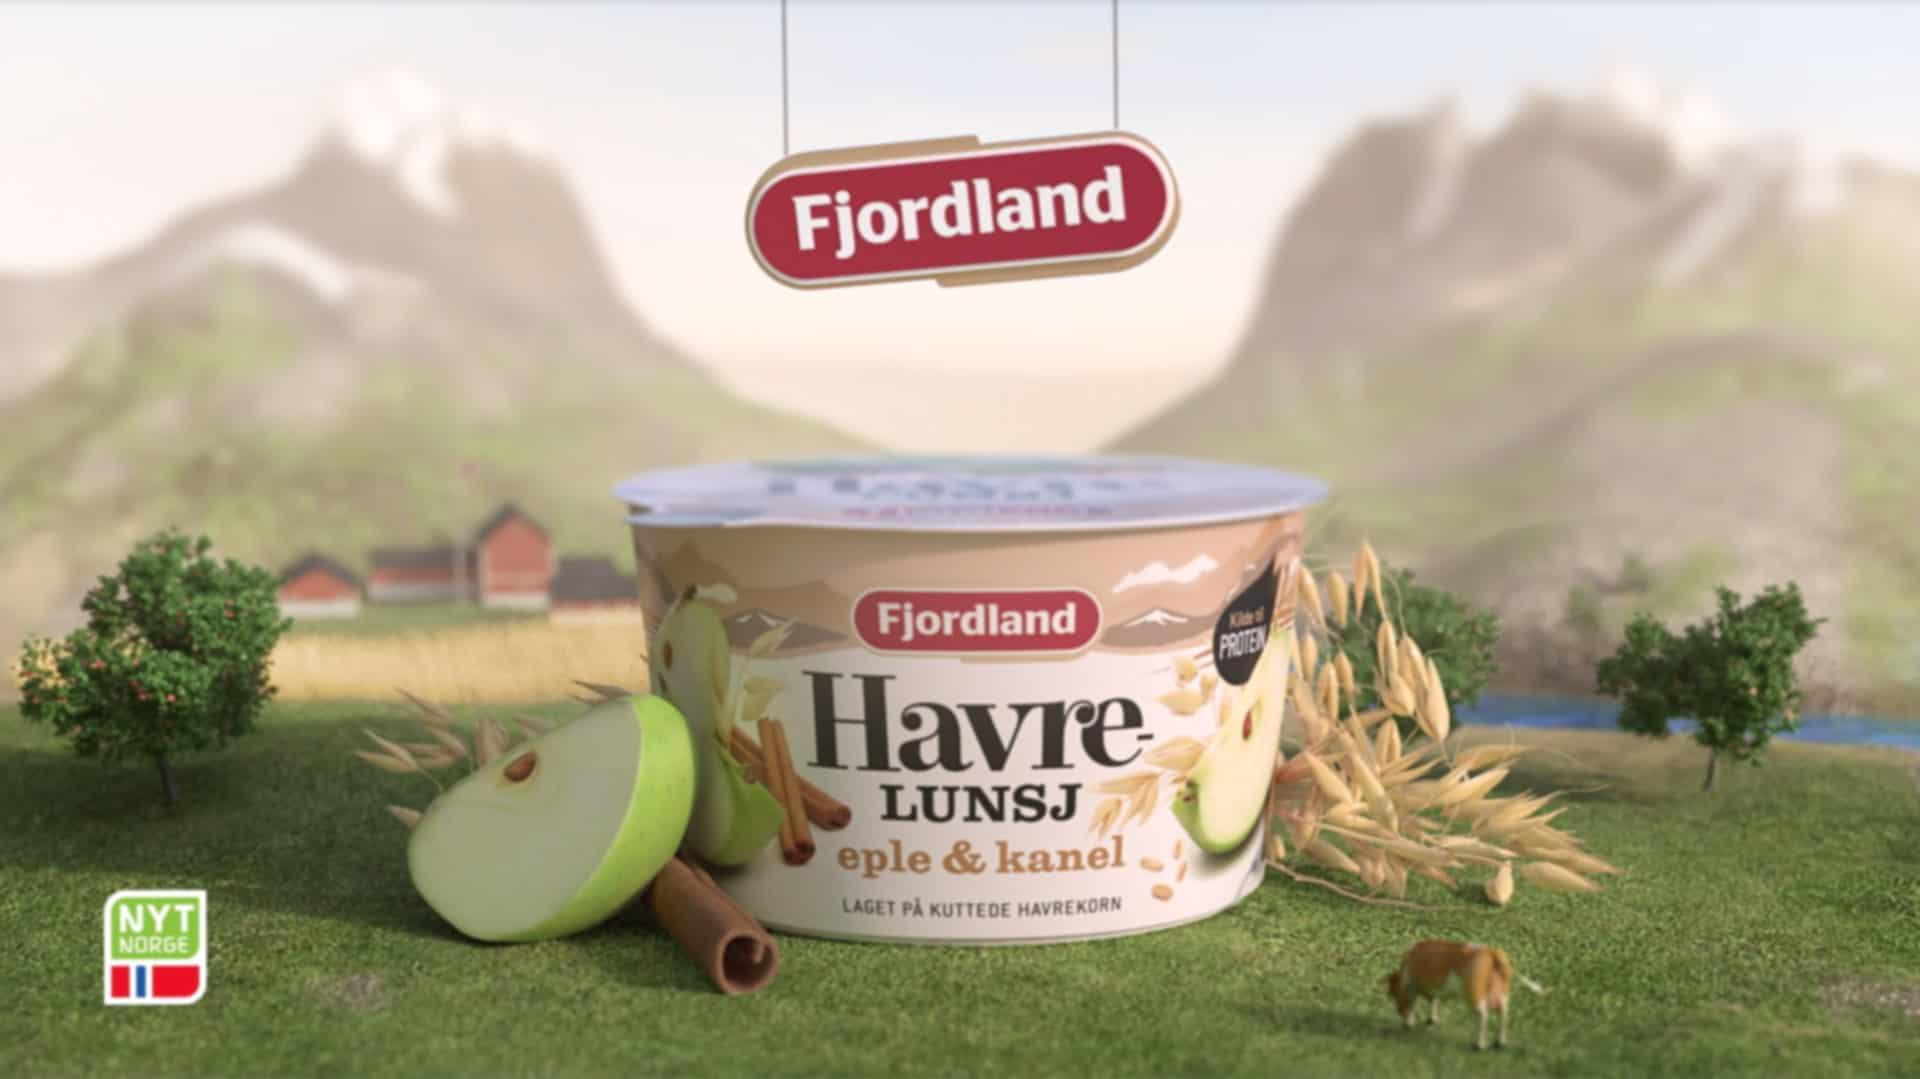 Fjordland Grøtlunsj